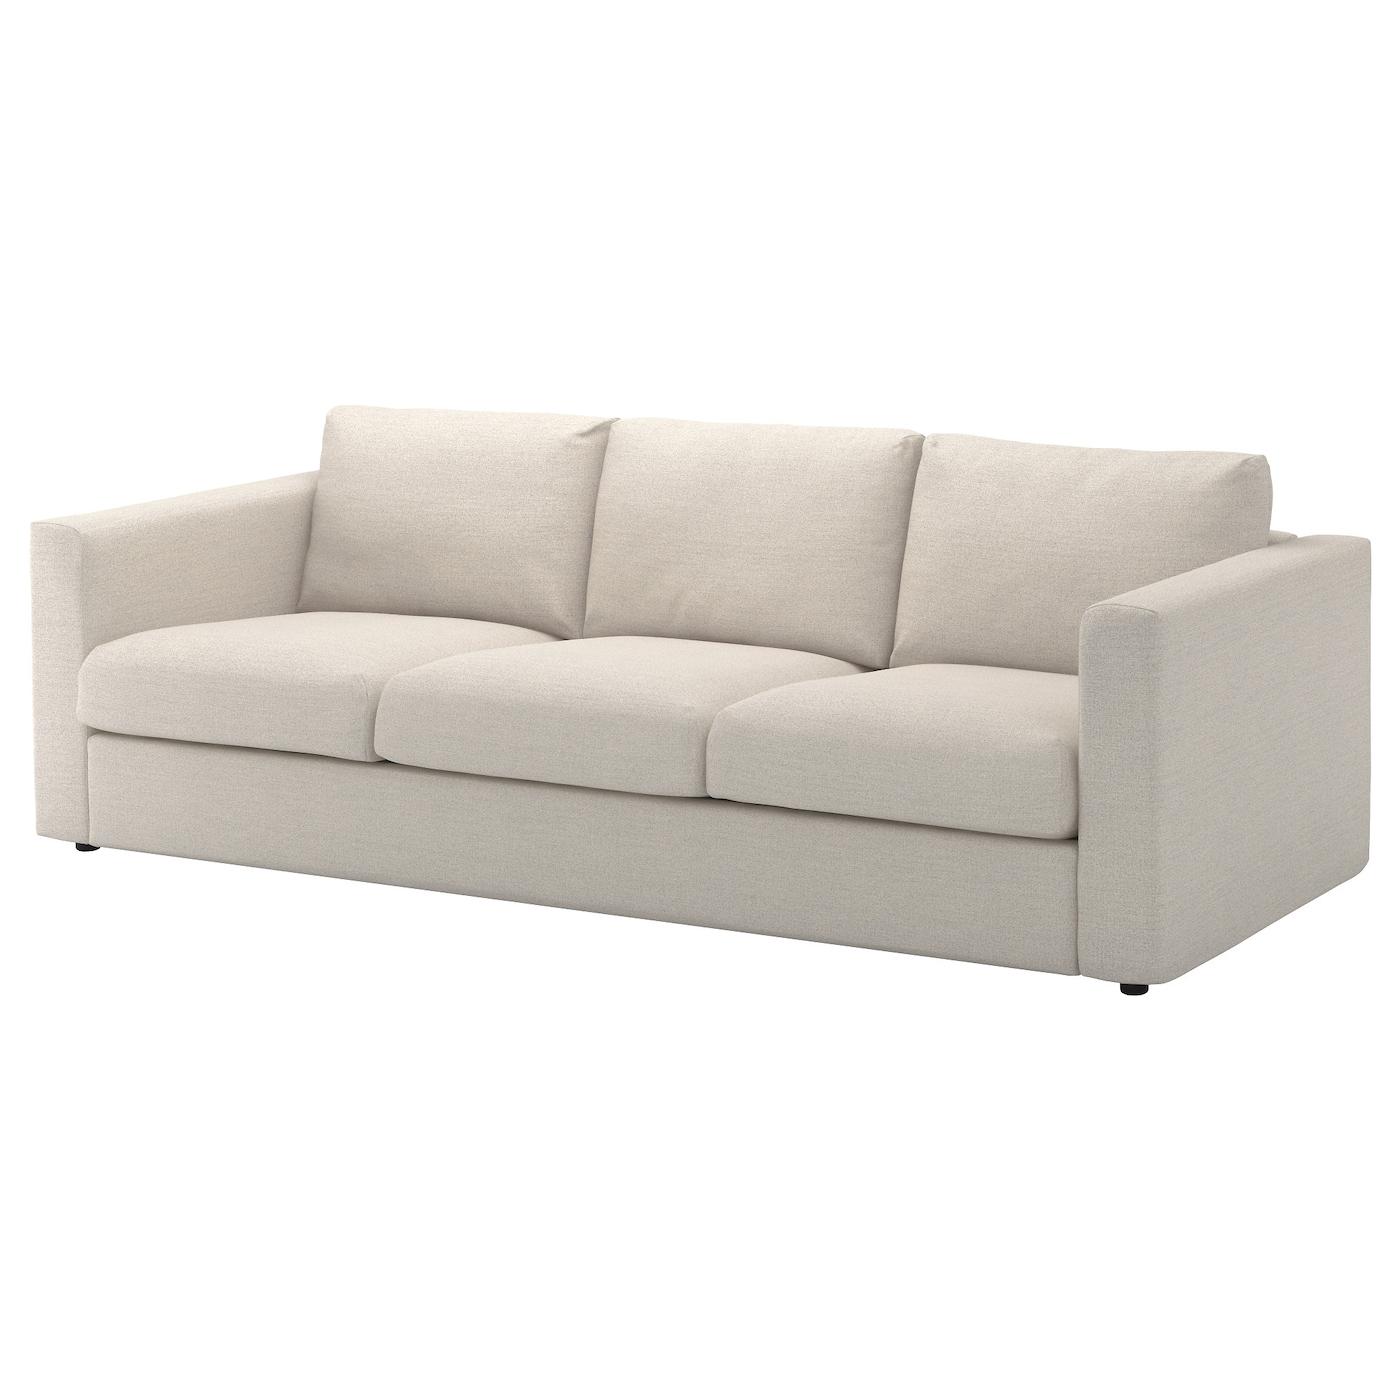 IKEA VIMLE Sofa 3-osobowa, Gunnared beżowy